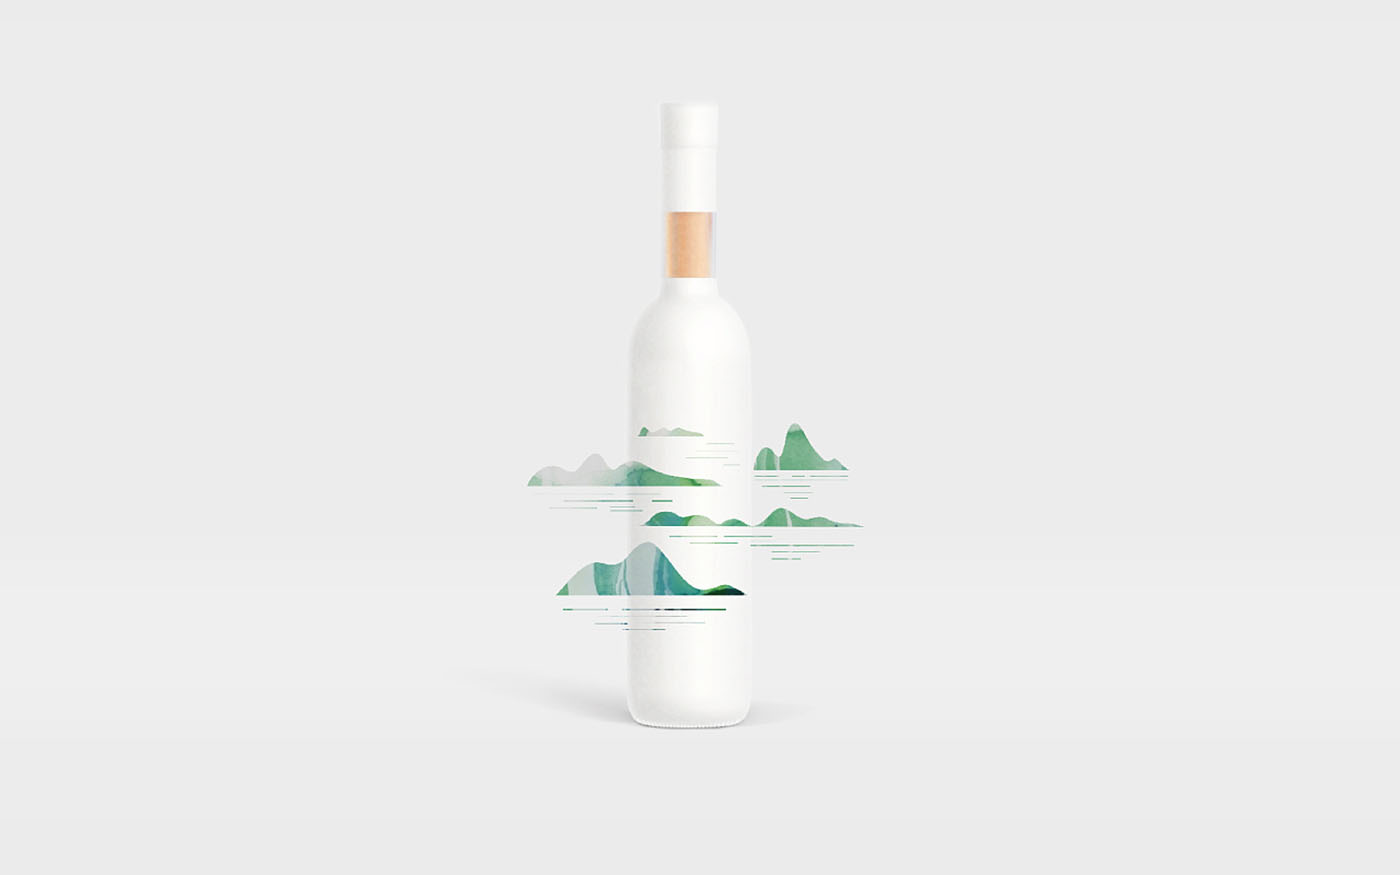 年轻人喜欢的黄酒包装设计-酒类包装设计公司